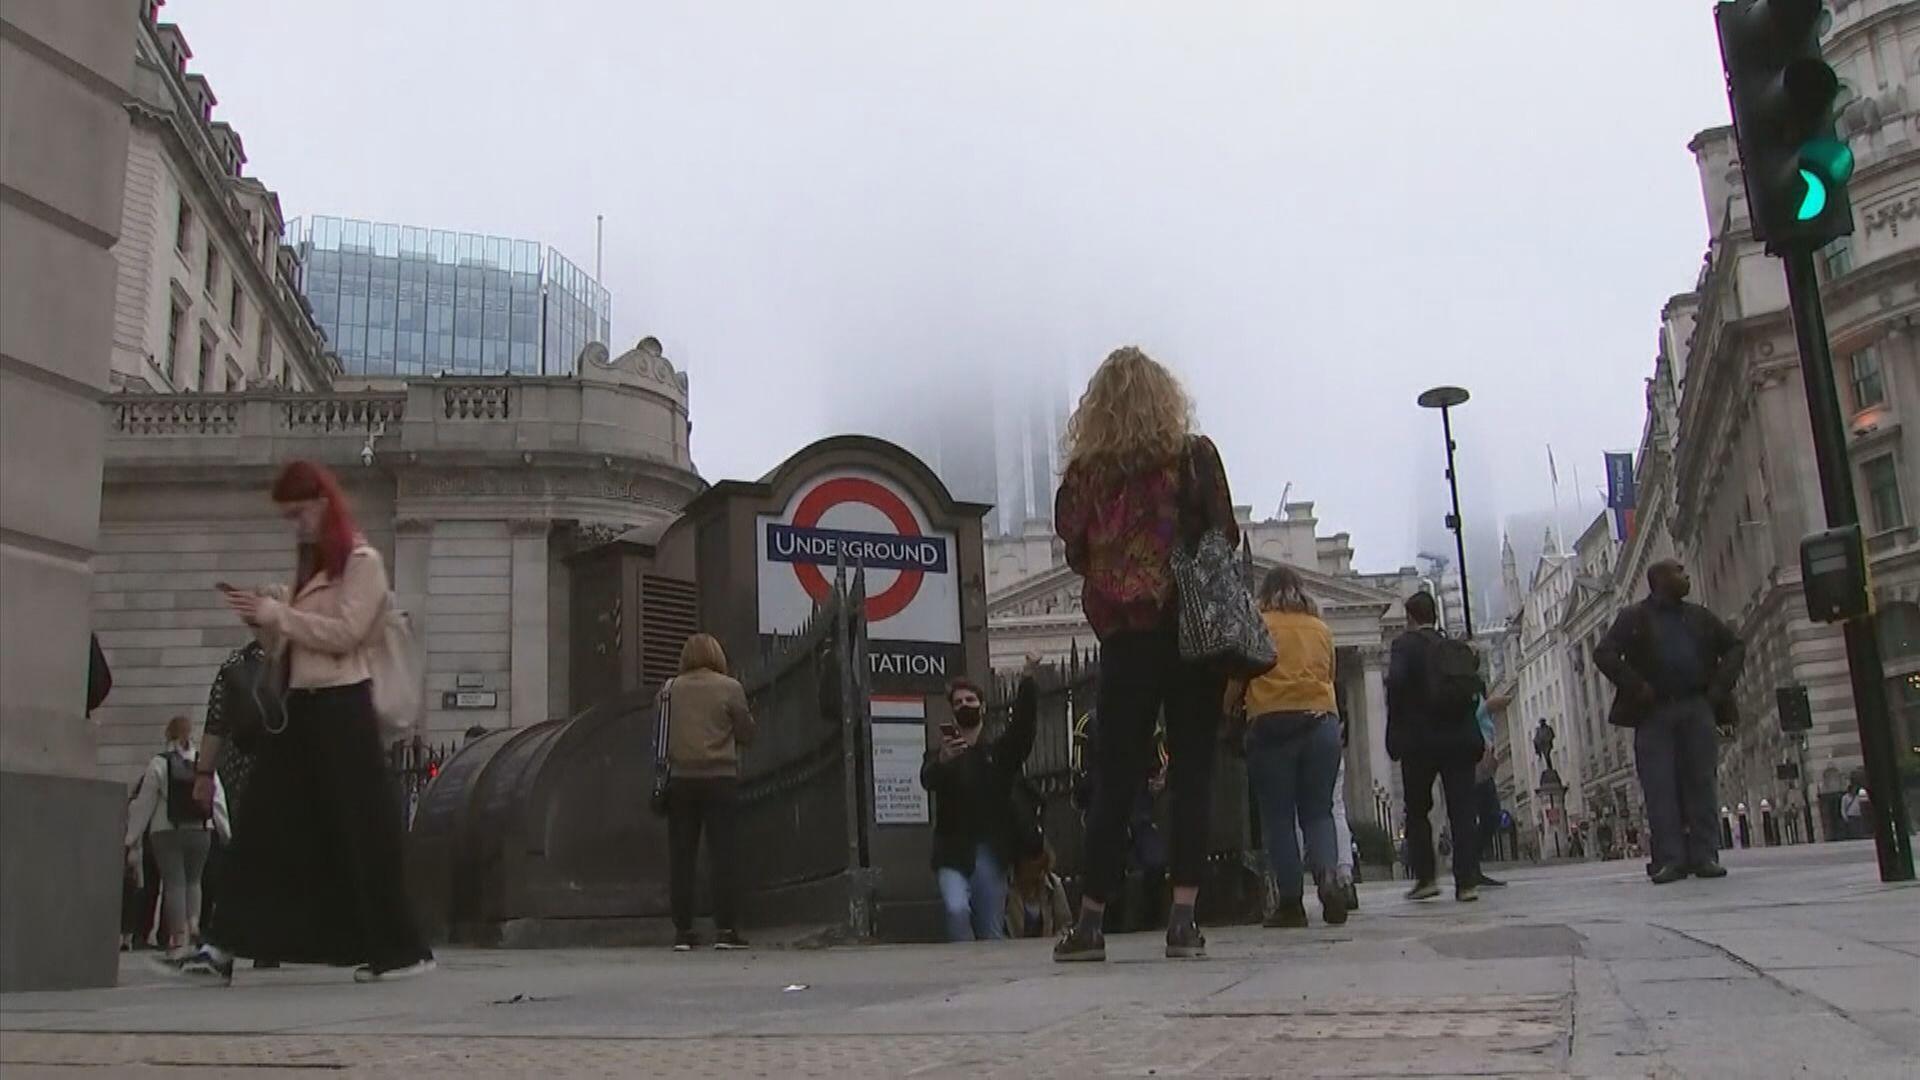 有道德責任?倫敦市長:撥90萬鎊幫移英港人